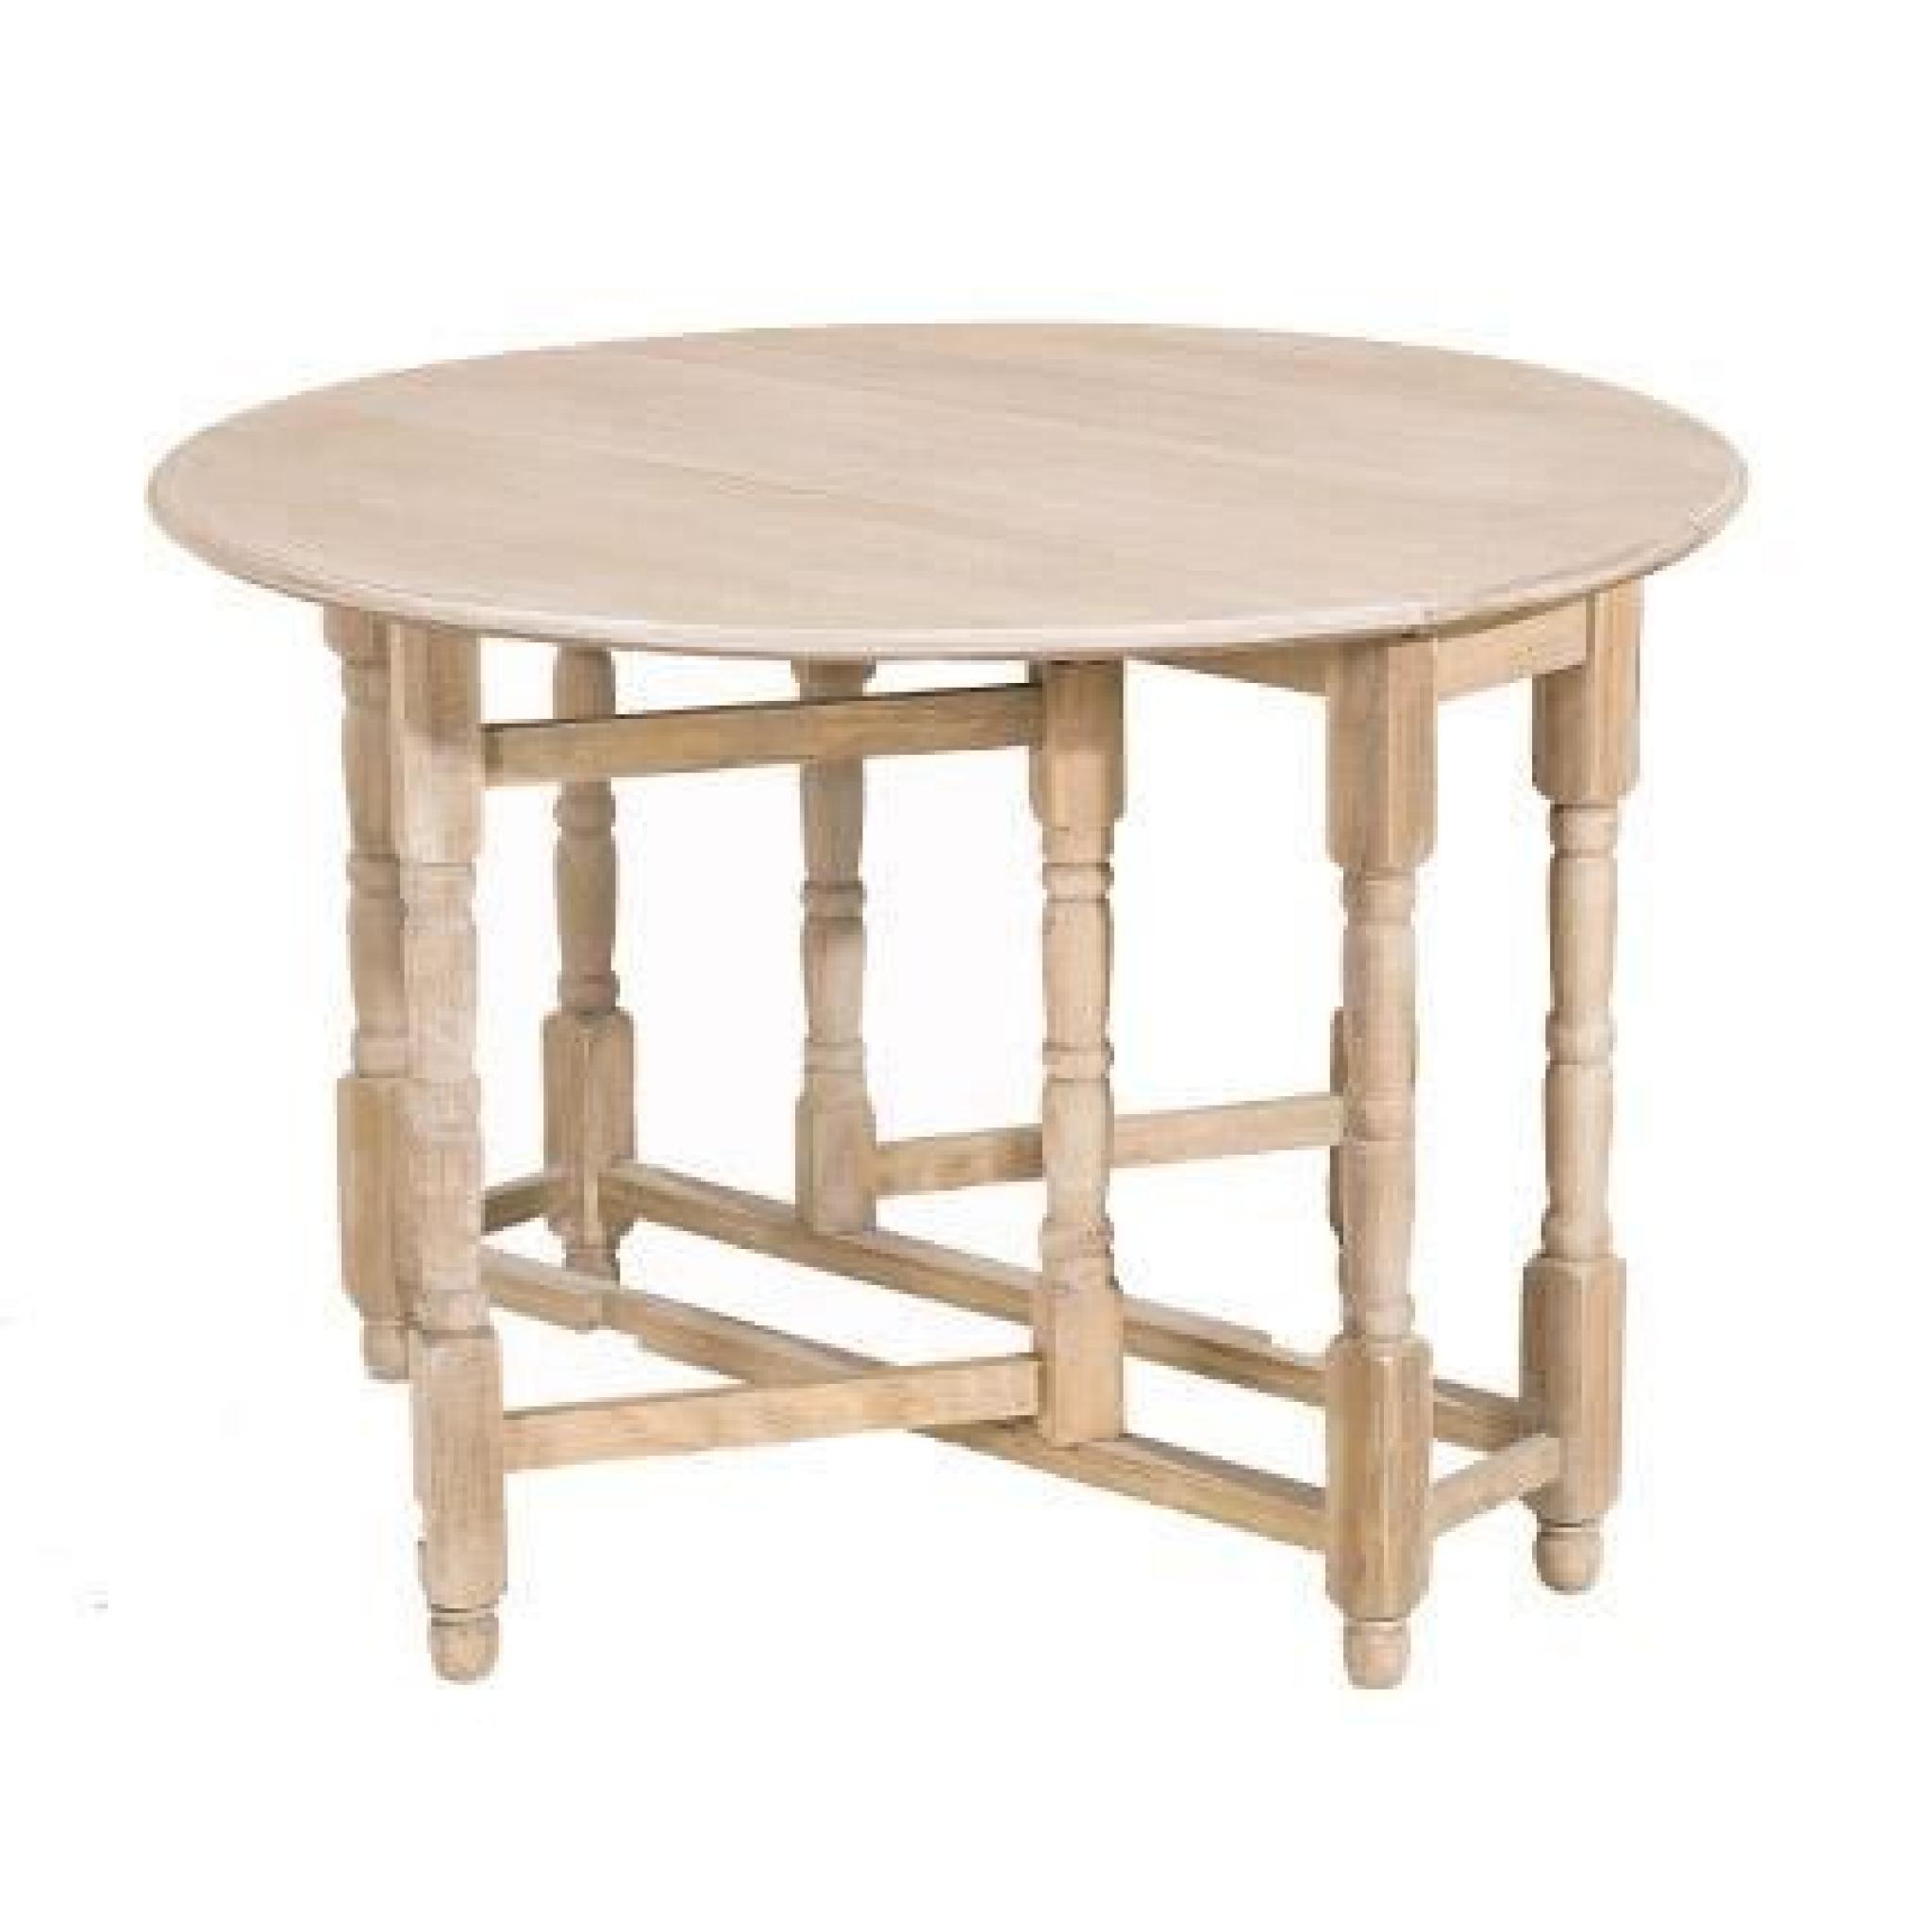 saint tropez table ronde pliante 115 cm paulownia achat vente table salle a manger pas cher. Black Bedroom Furniture Sets. Home Design Ideas